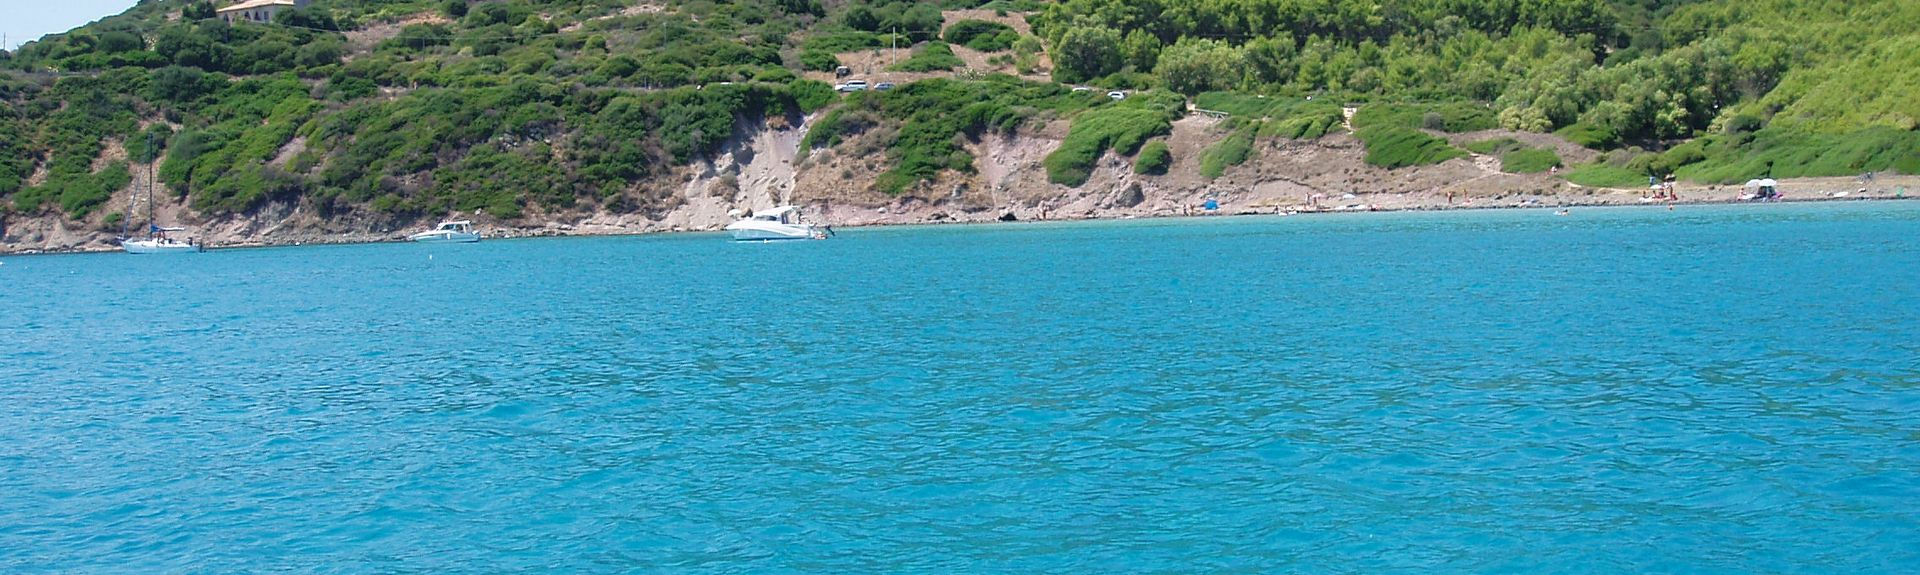 Teulada, South Sardinia, Sardinia, Italy